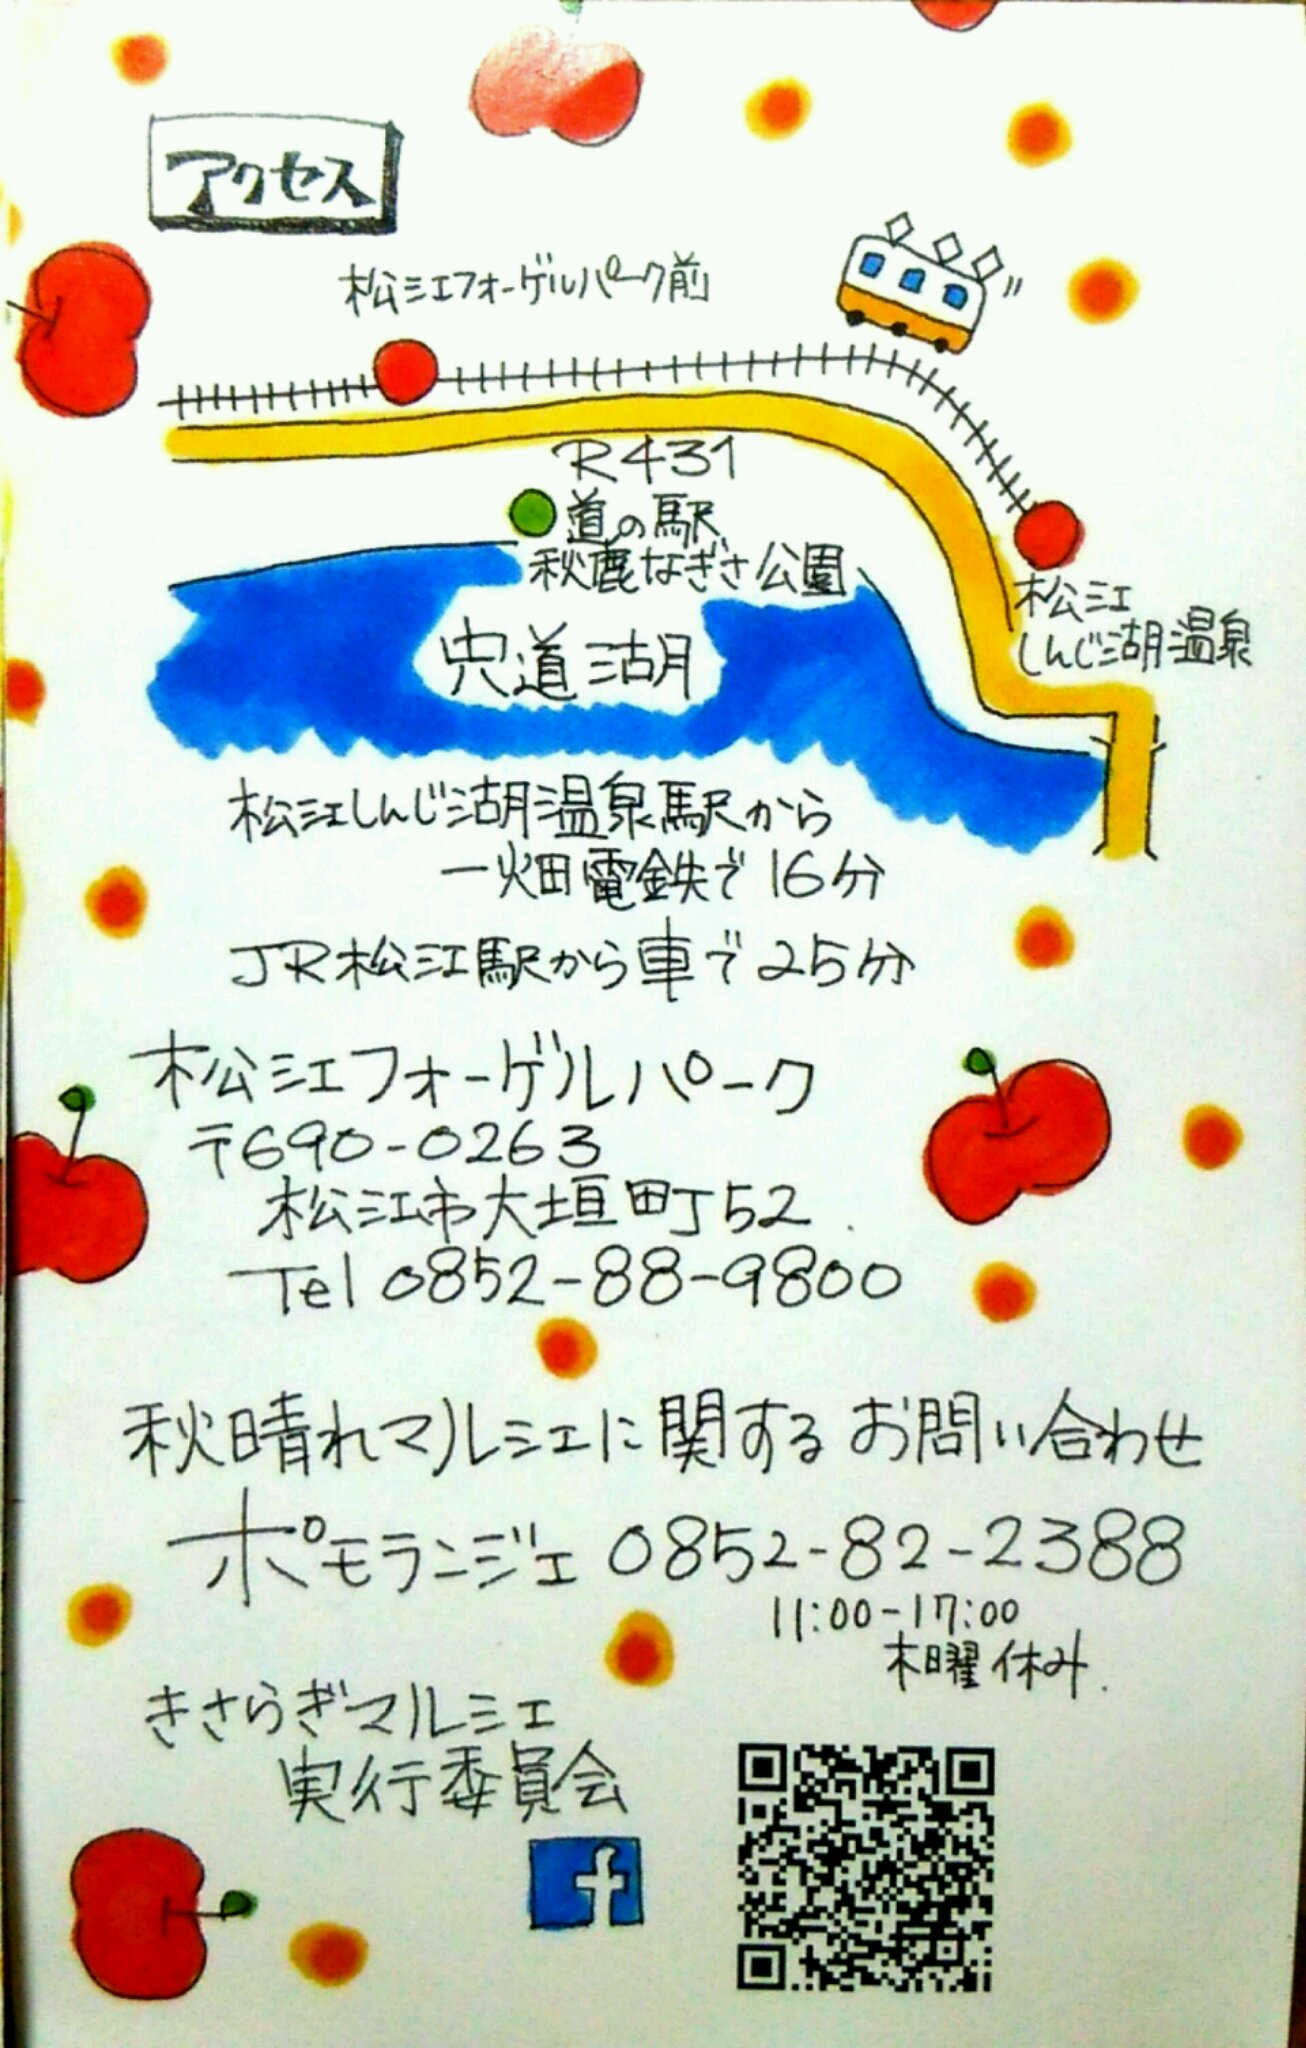 9月・10月 出店イベント